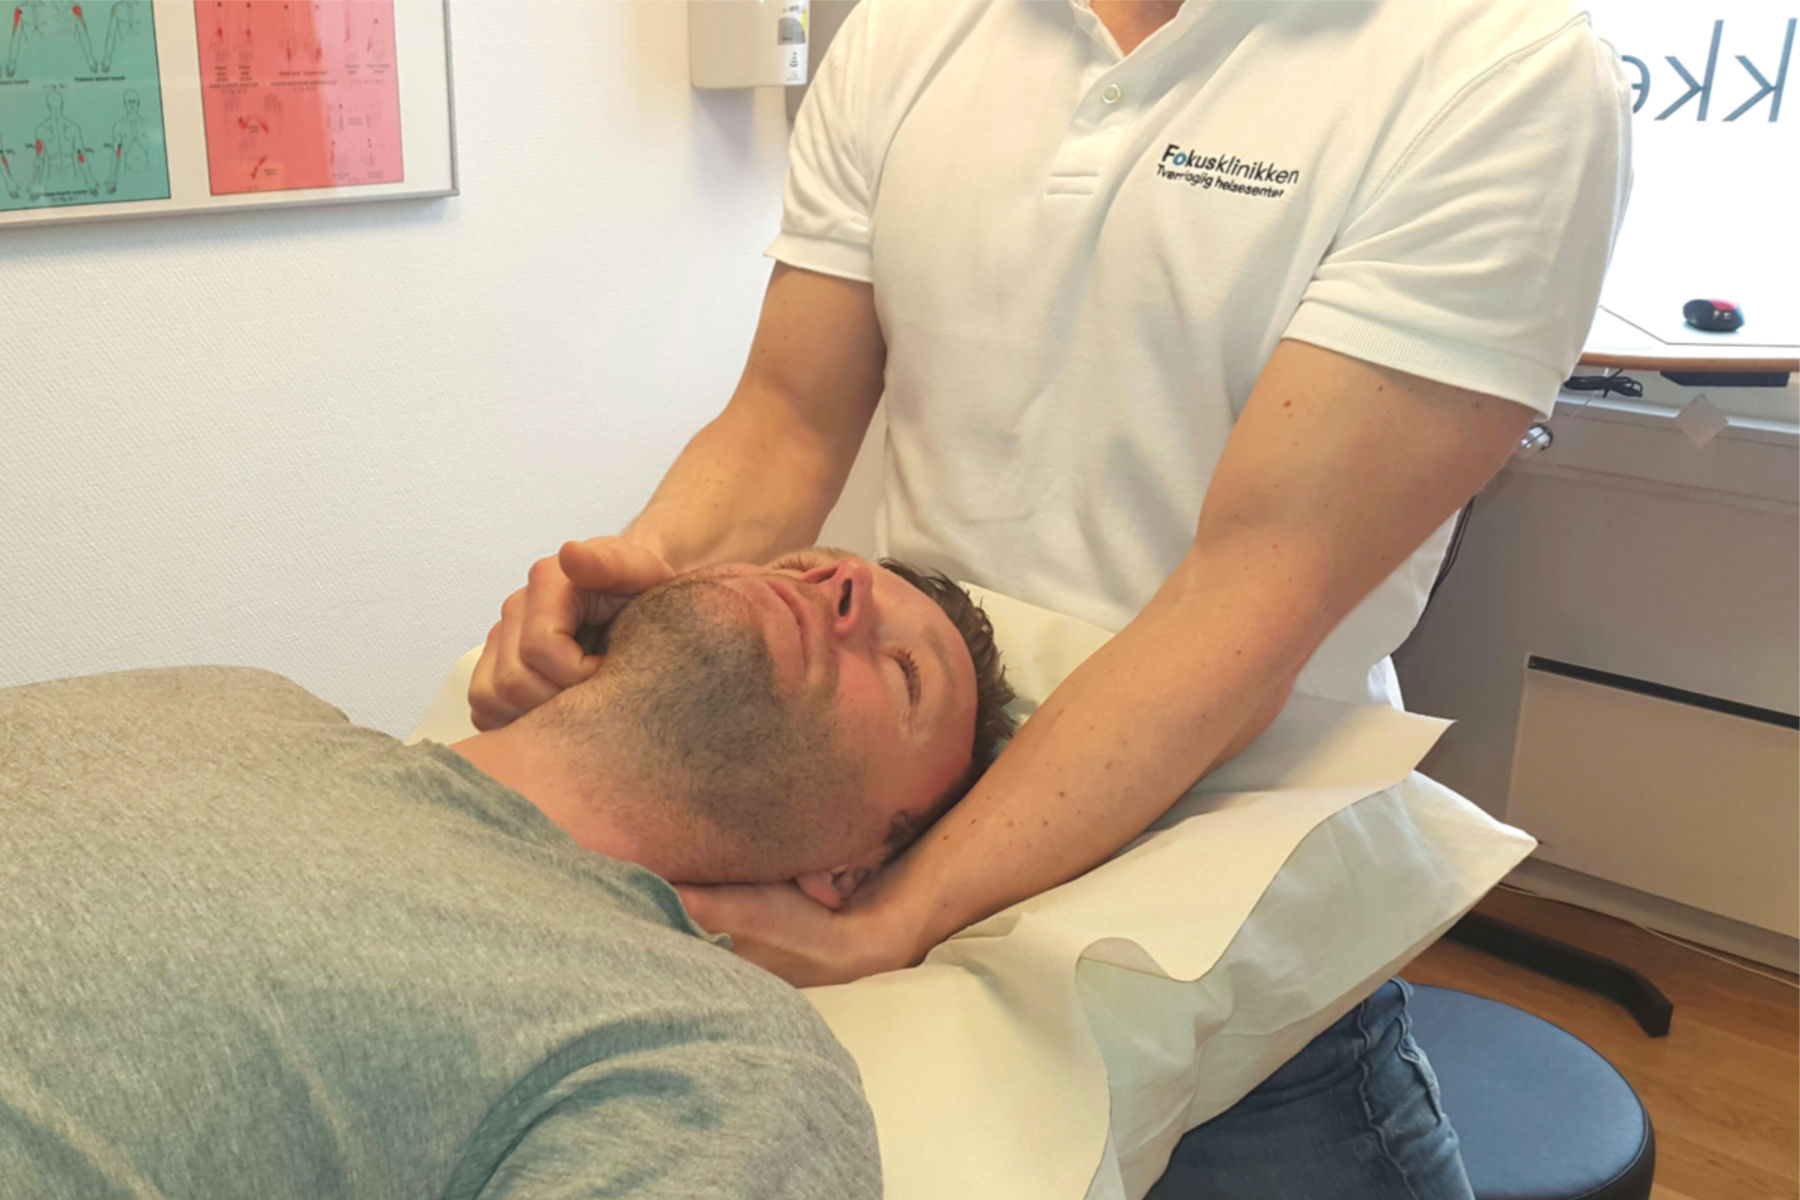 Undersøkelse og behandling av kjeven. FOTO: Fokusklinikken